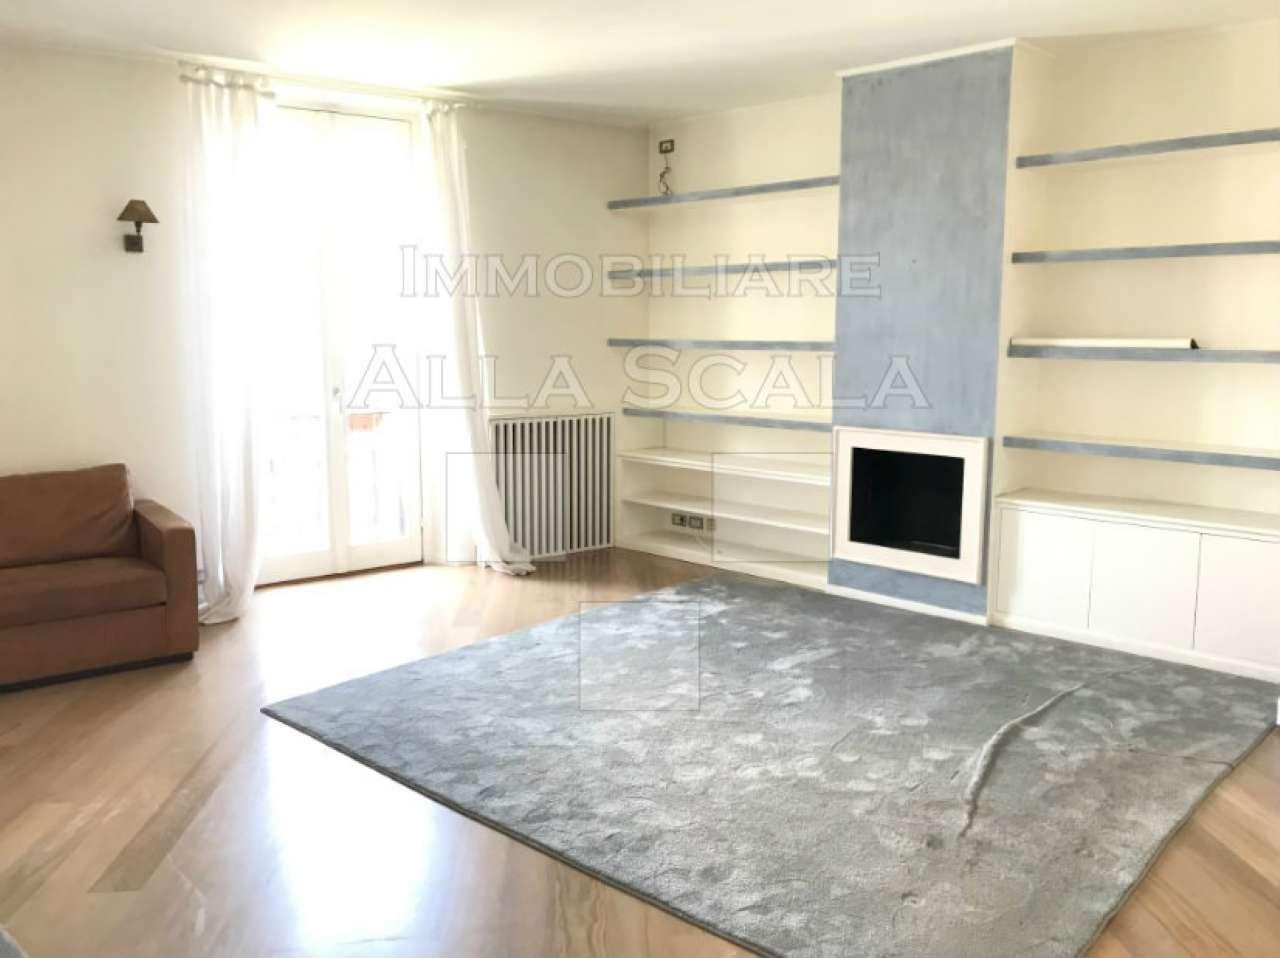 Appartamento in affitto a Milano, 5 locali, zona Zona: 1 . Centro Storico, Duomo, Brera, Cadorna, Cattolica, prezzo € 5.000   CambioCasa.it